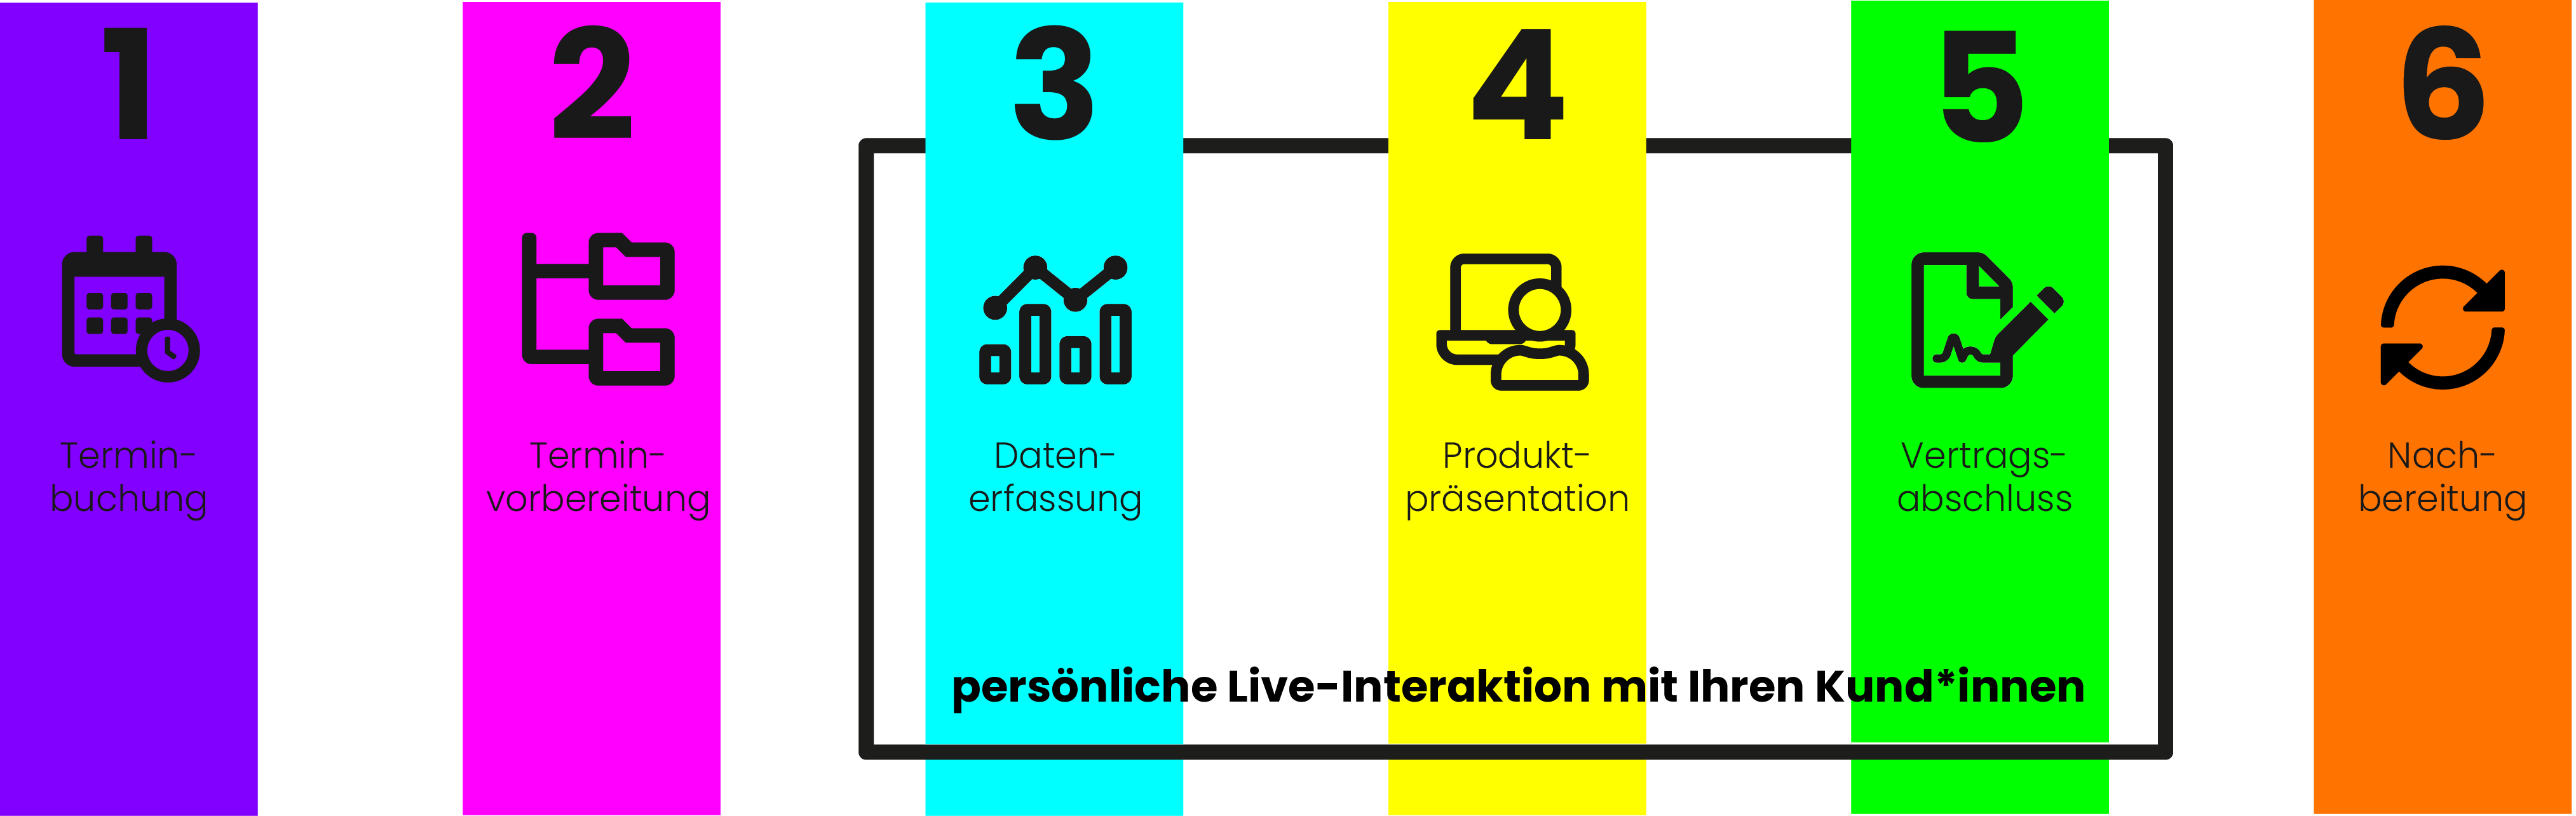 grafik-digitaler-beratungsprozess-versicherung-ganzheitliche-kundenberatung-bridge